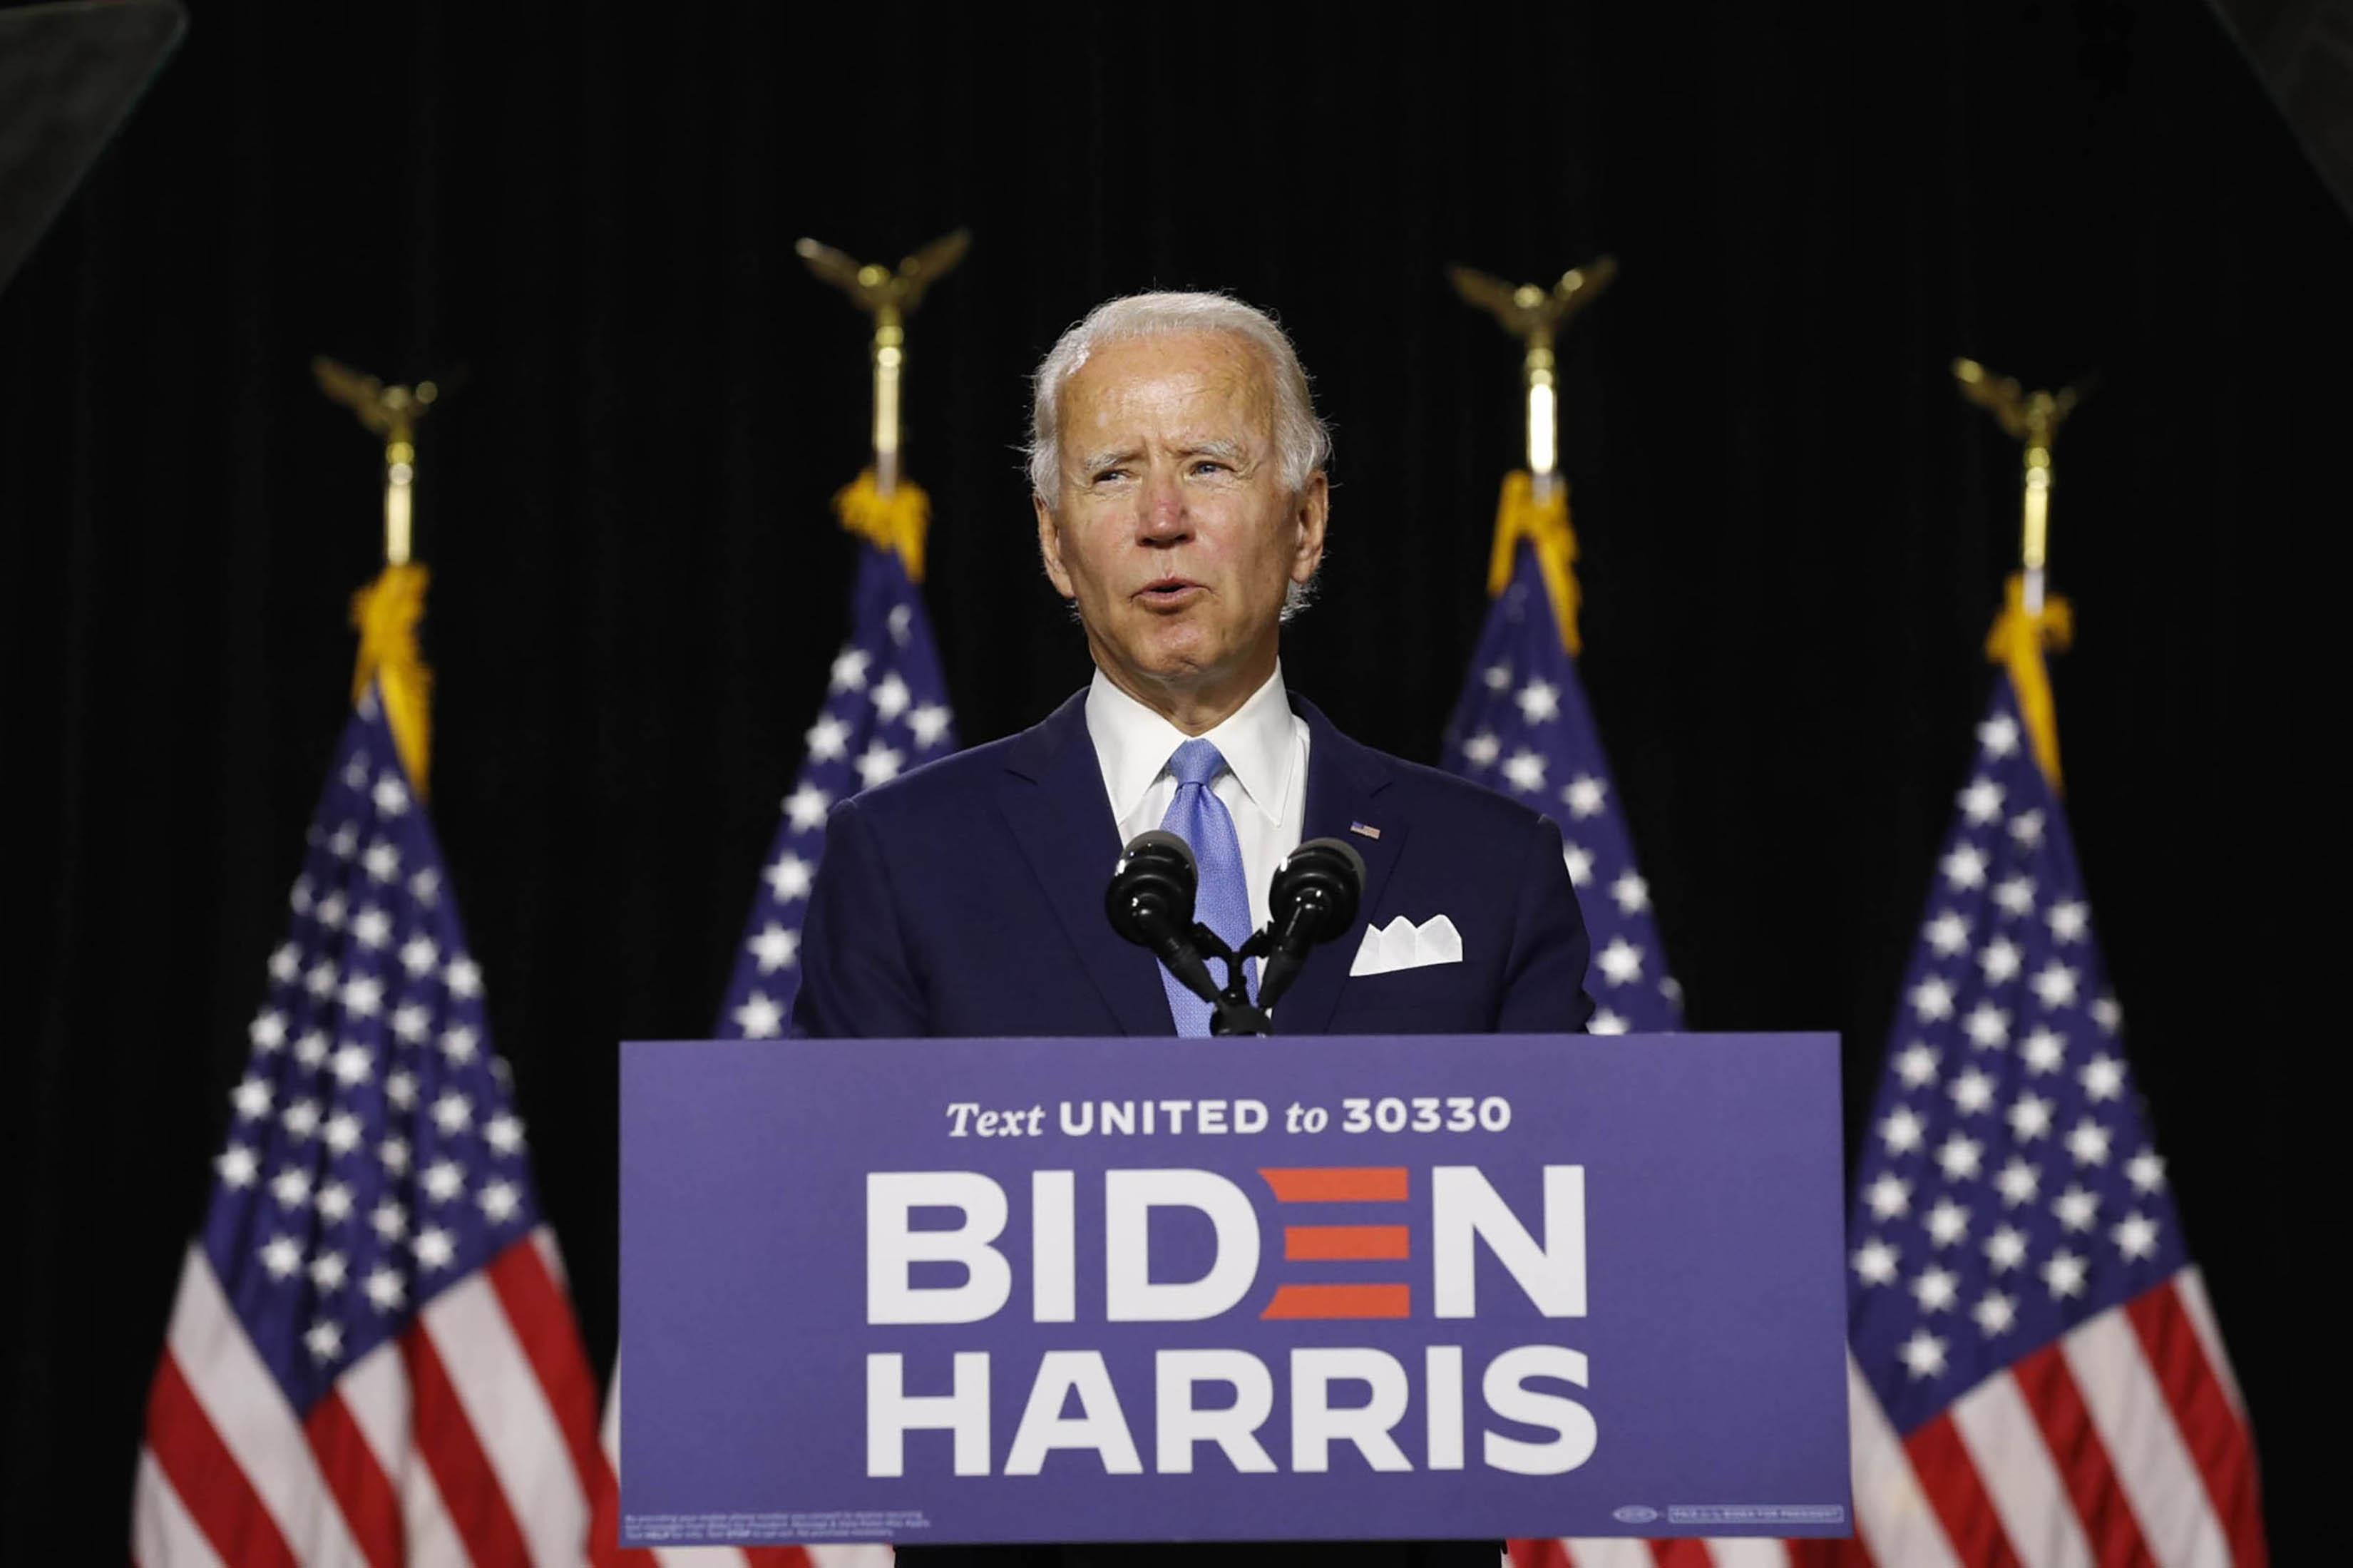 DEMÓCRATA. El exvicepresidente Joe Biden da un discurso en un evento de campaña reciente en Wilmington, Delaware.    FOTO: Stefani Reynolds—Bloomberg